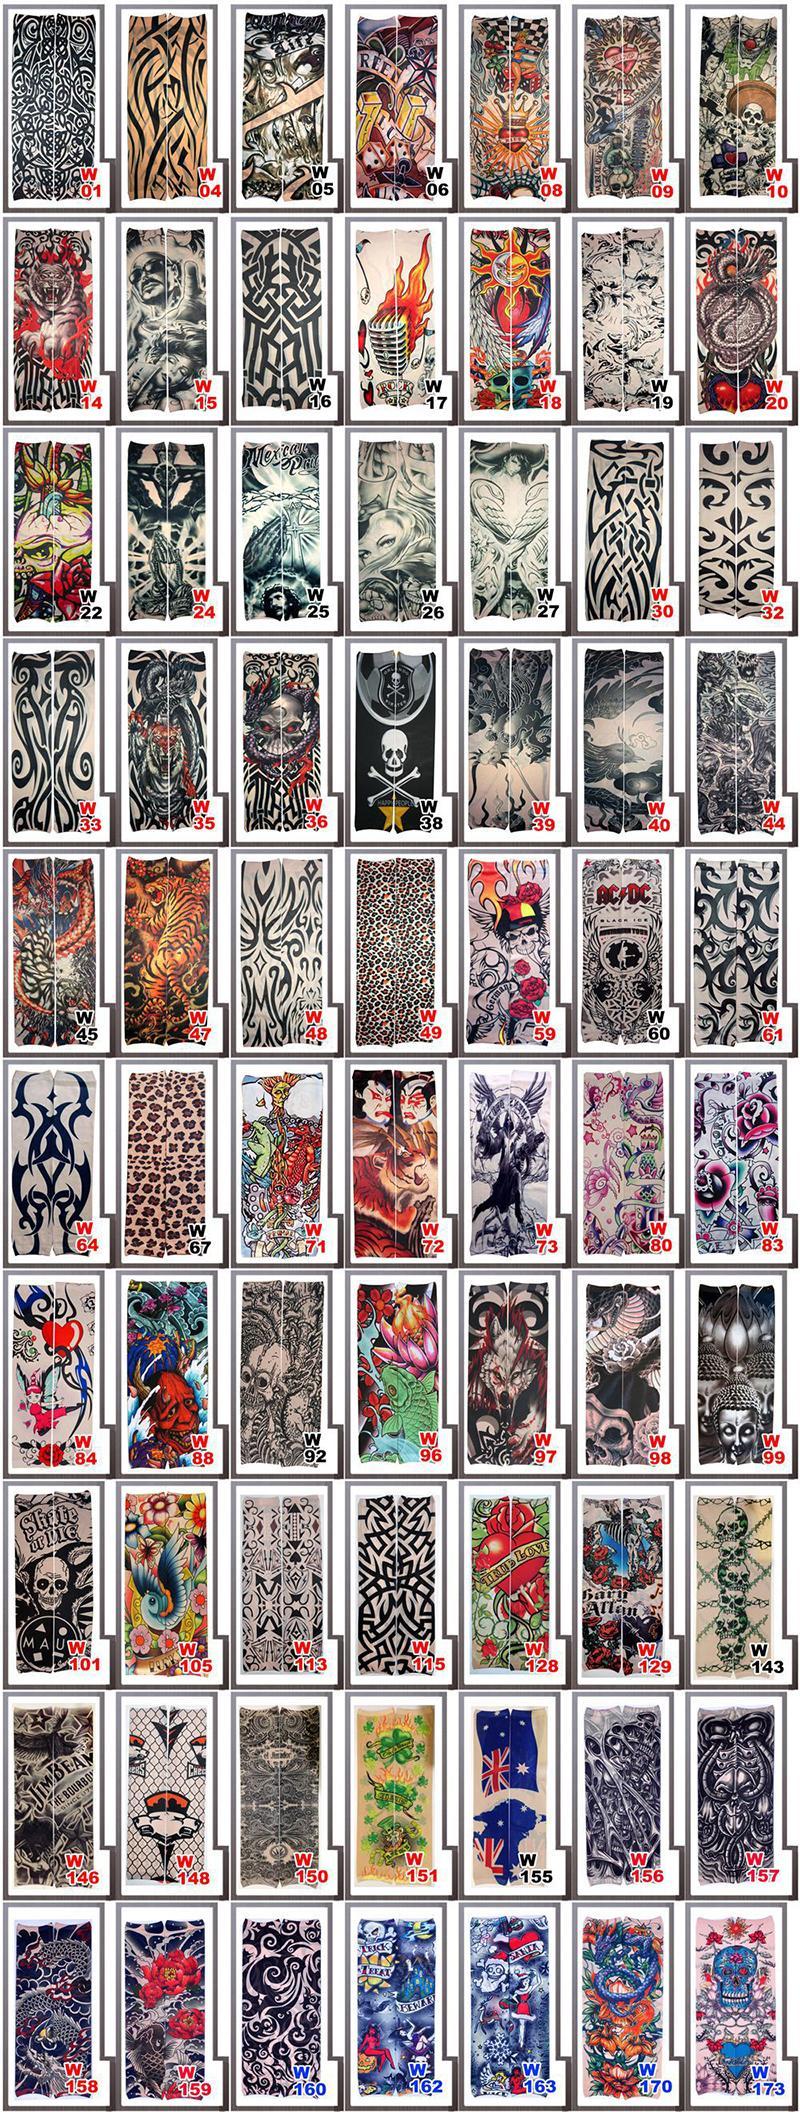 Moda Mangas Elásticas Do Tatuagem Equitação Cuidados Com Os UV Legal Impresso À Prova de Vento-Braço Luva de Proteção Falso Tatuagem Temporária para Mulheres Dos Homens